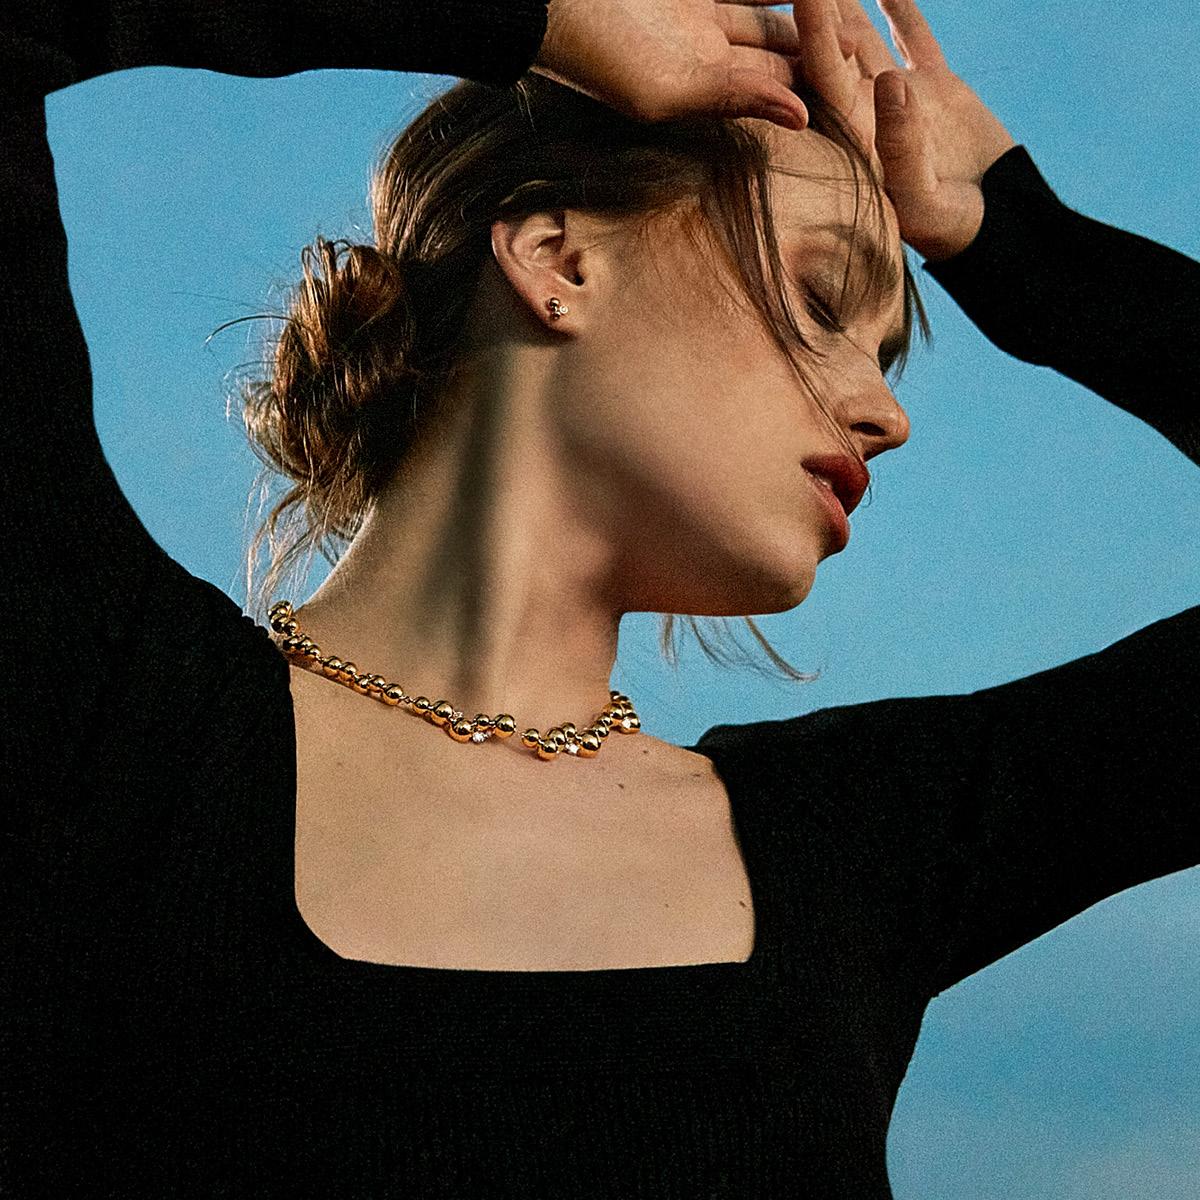 MOONLIGHT GRAPES halskæde med lille vedhæng